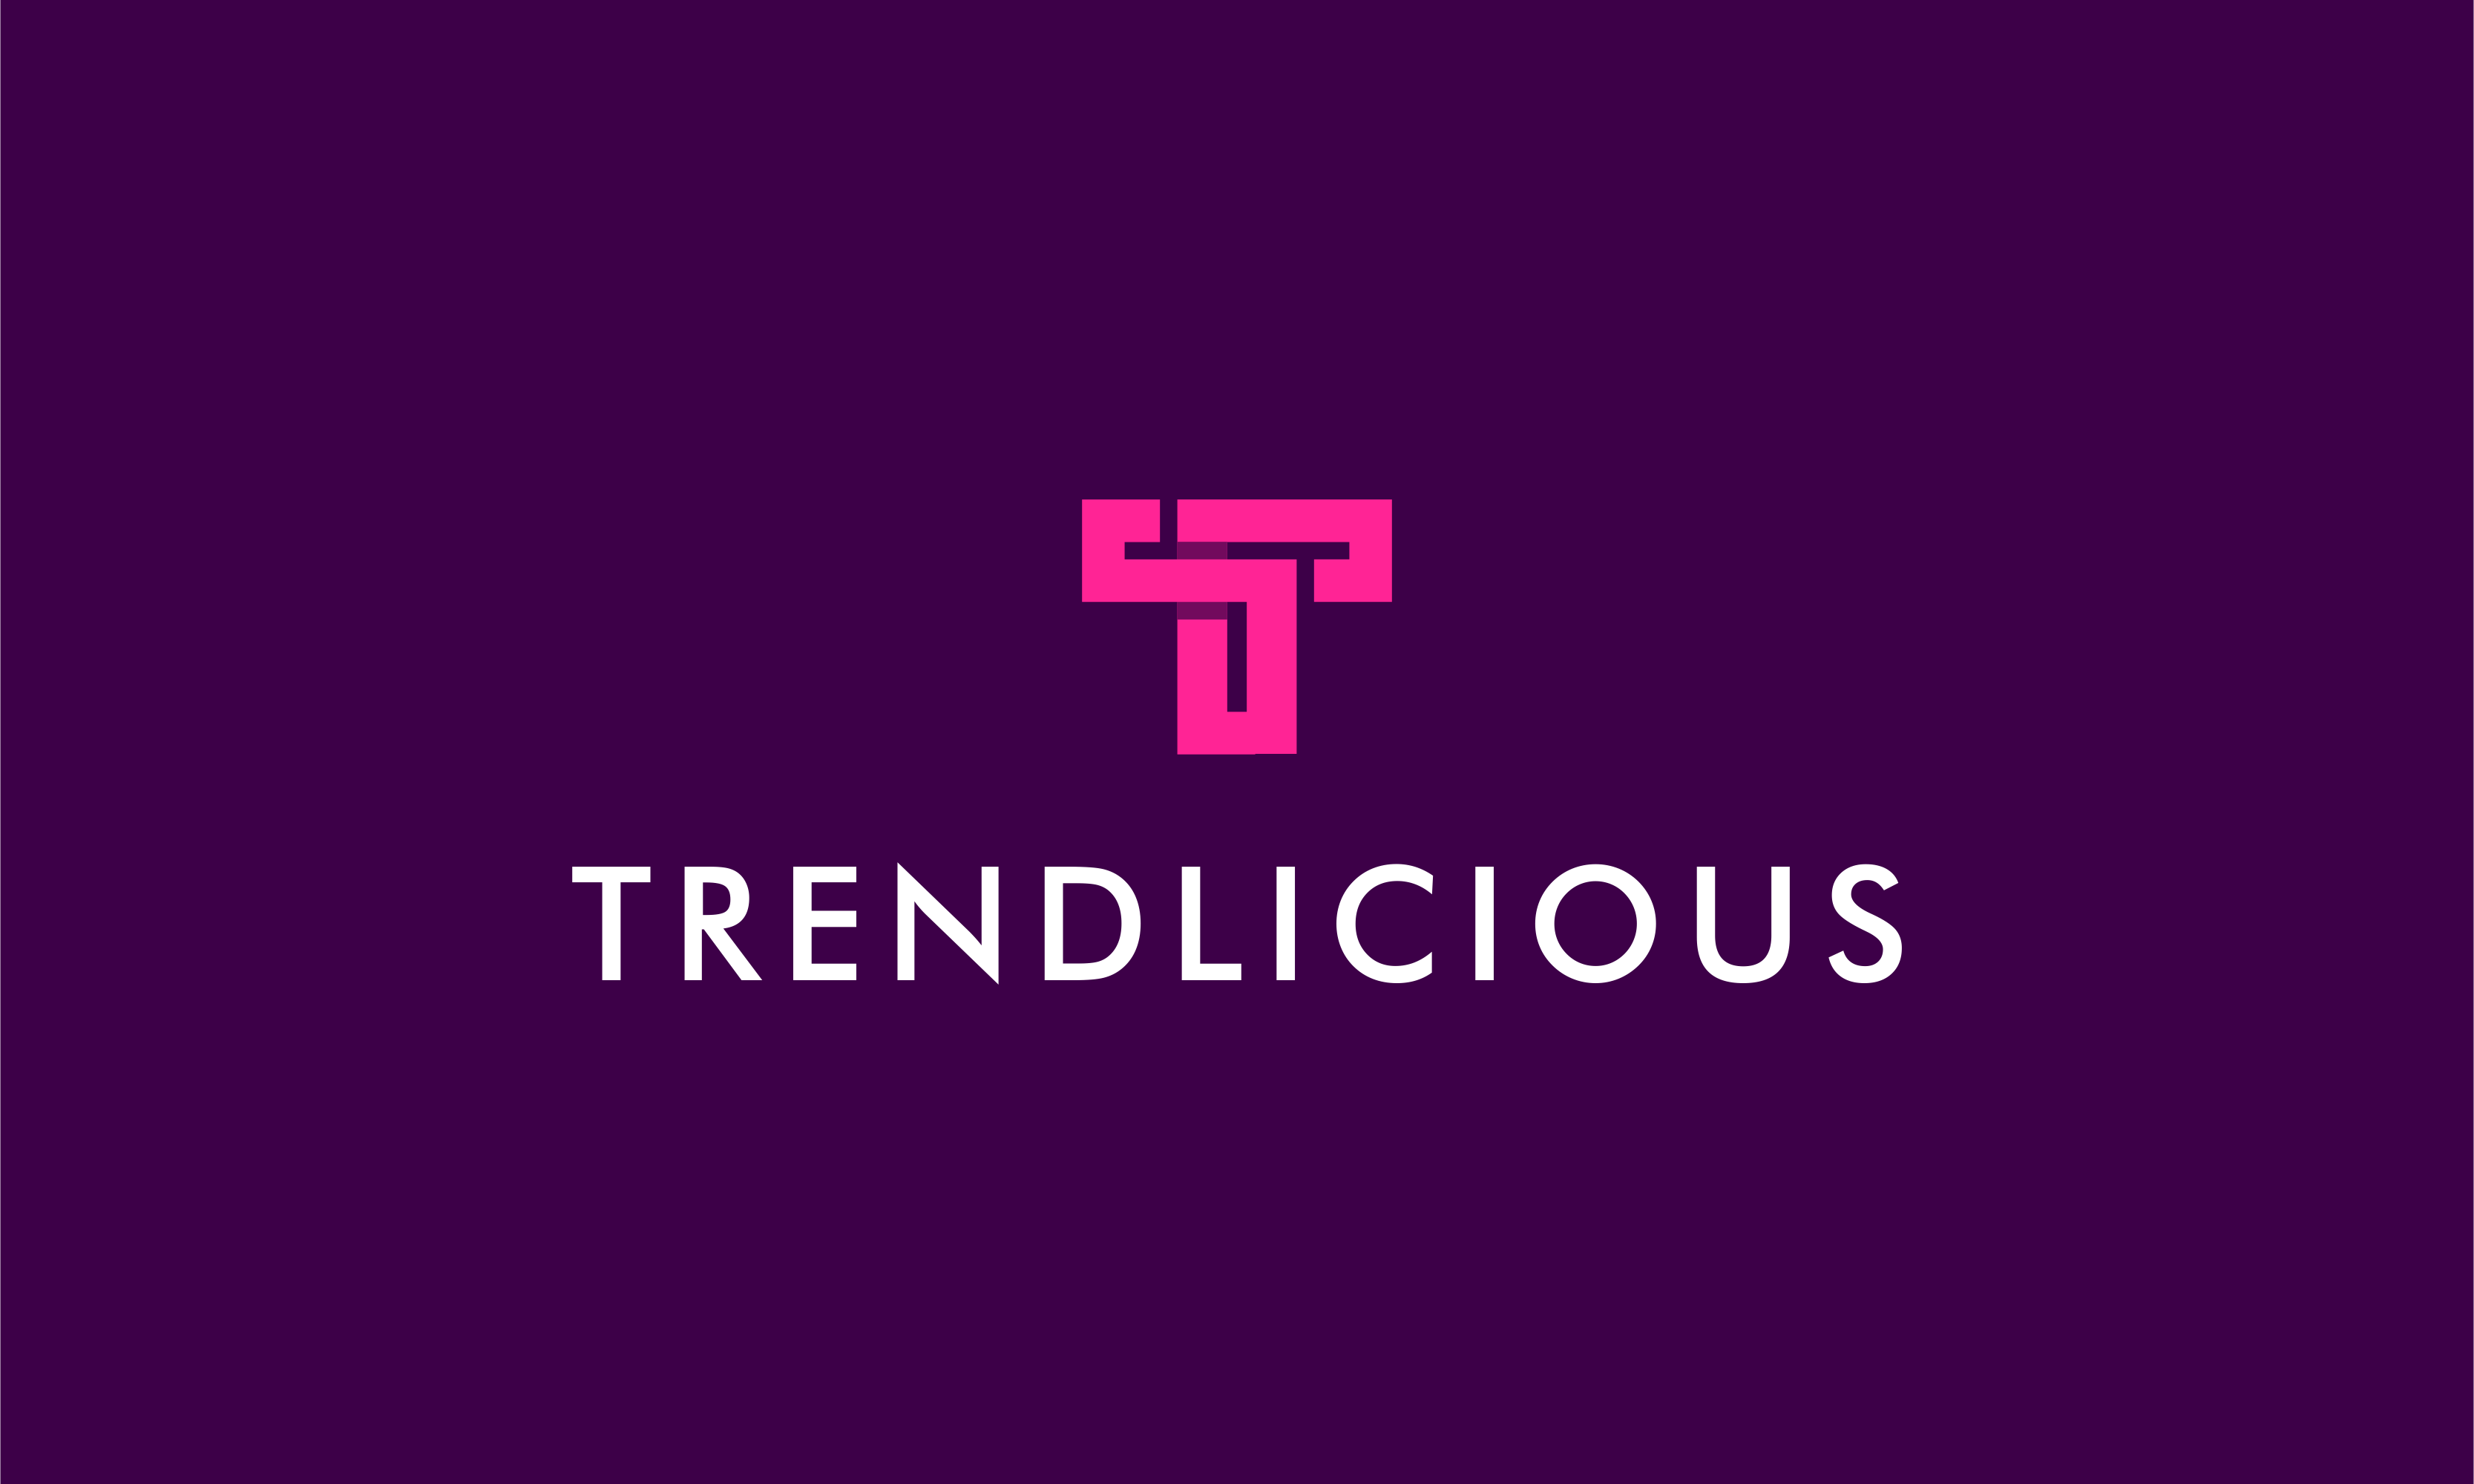 Trendlicious